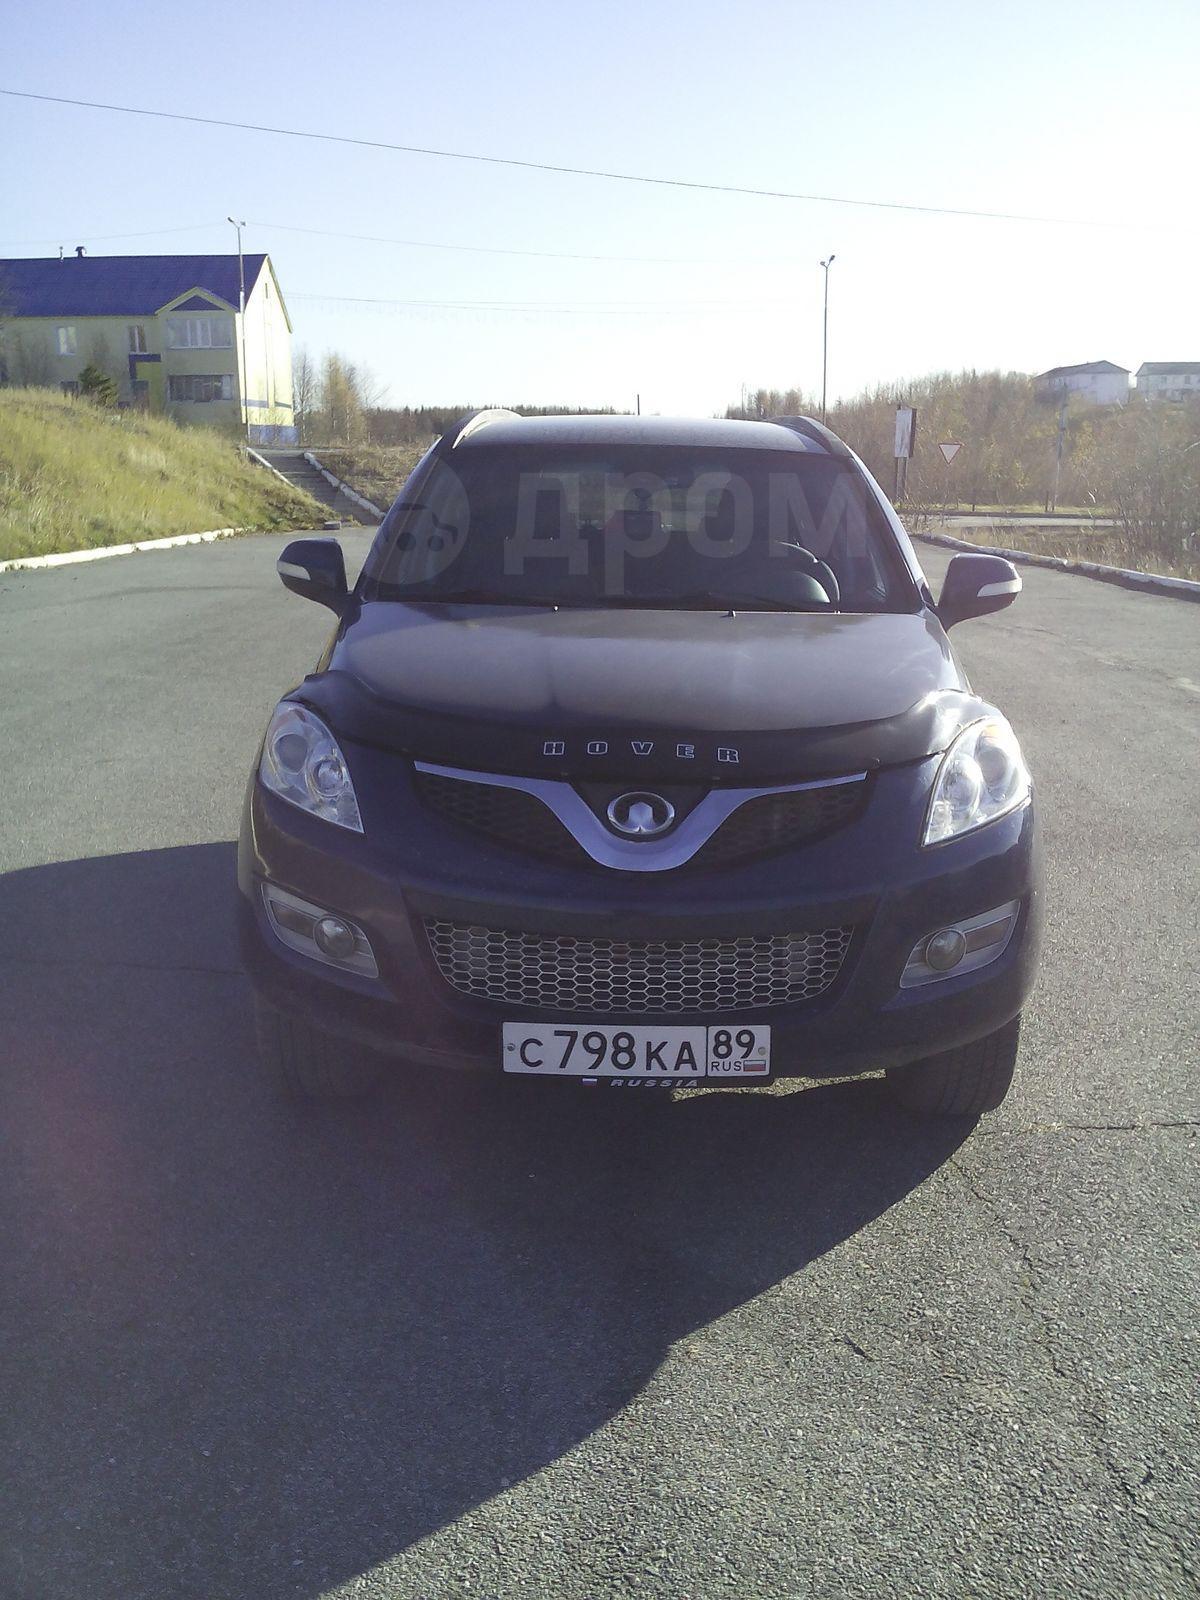 Дром салехард авто с пробегом частные объявления дать объявление транспортной компании добавить компанию